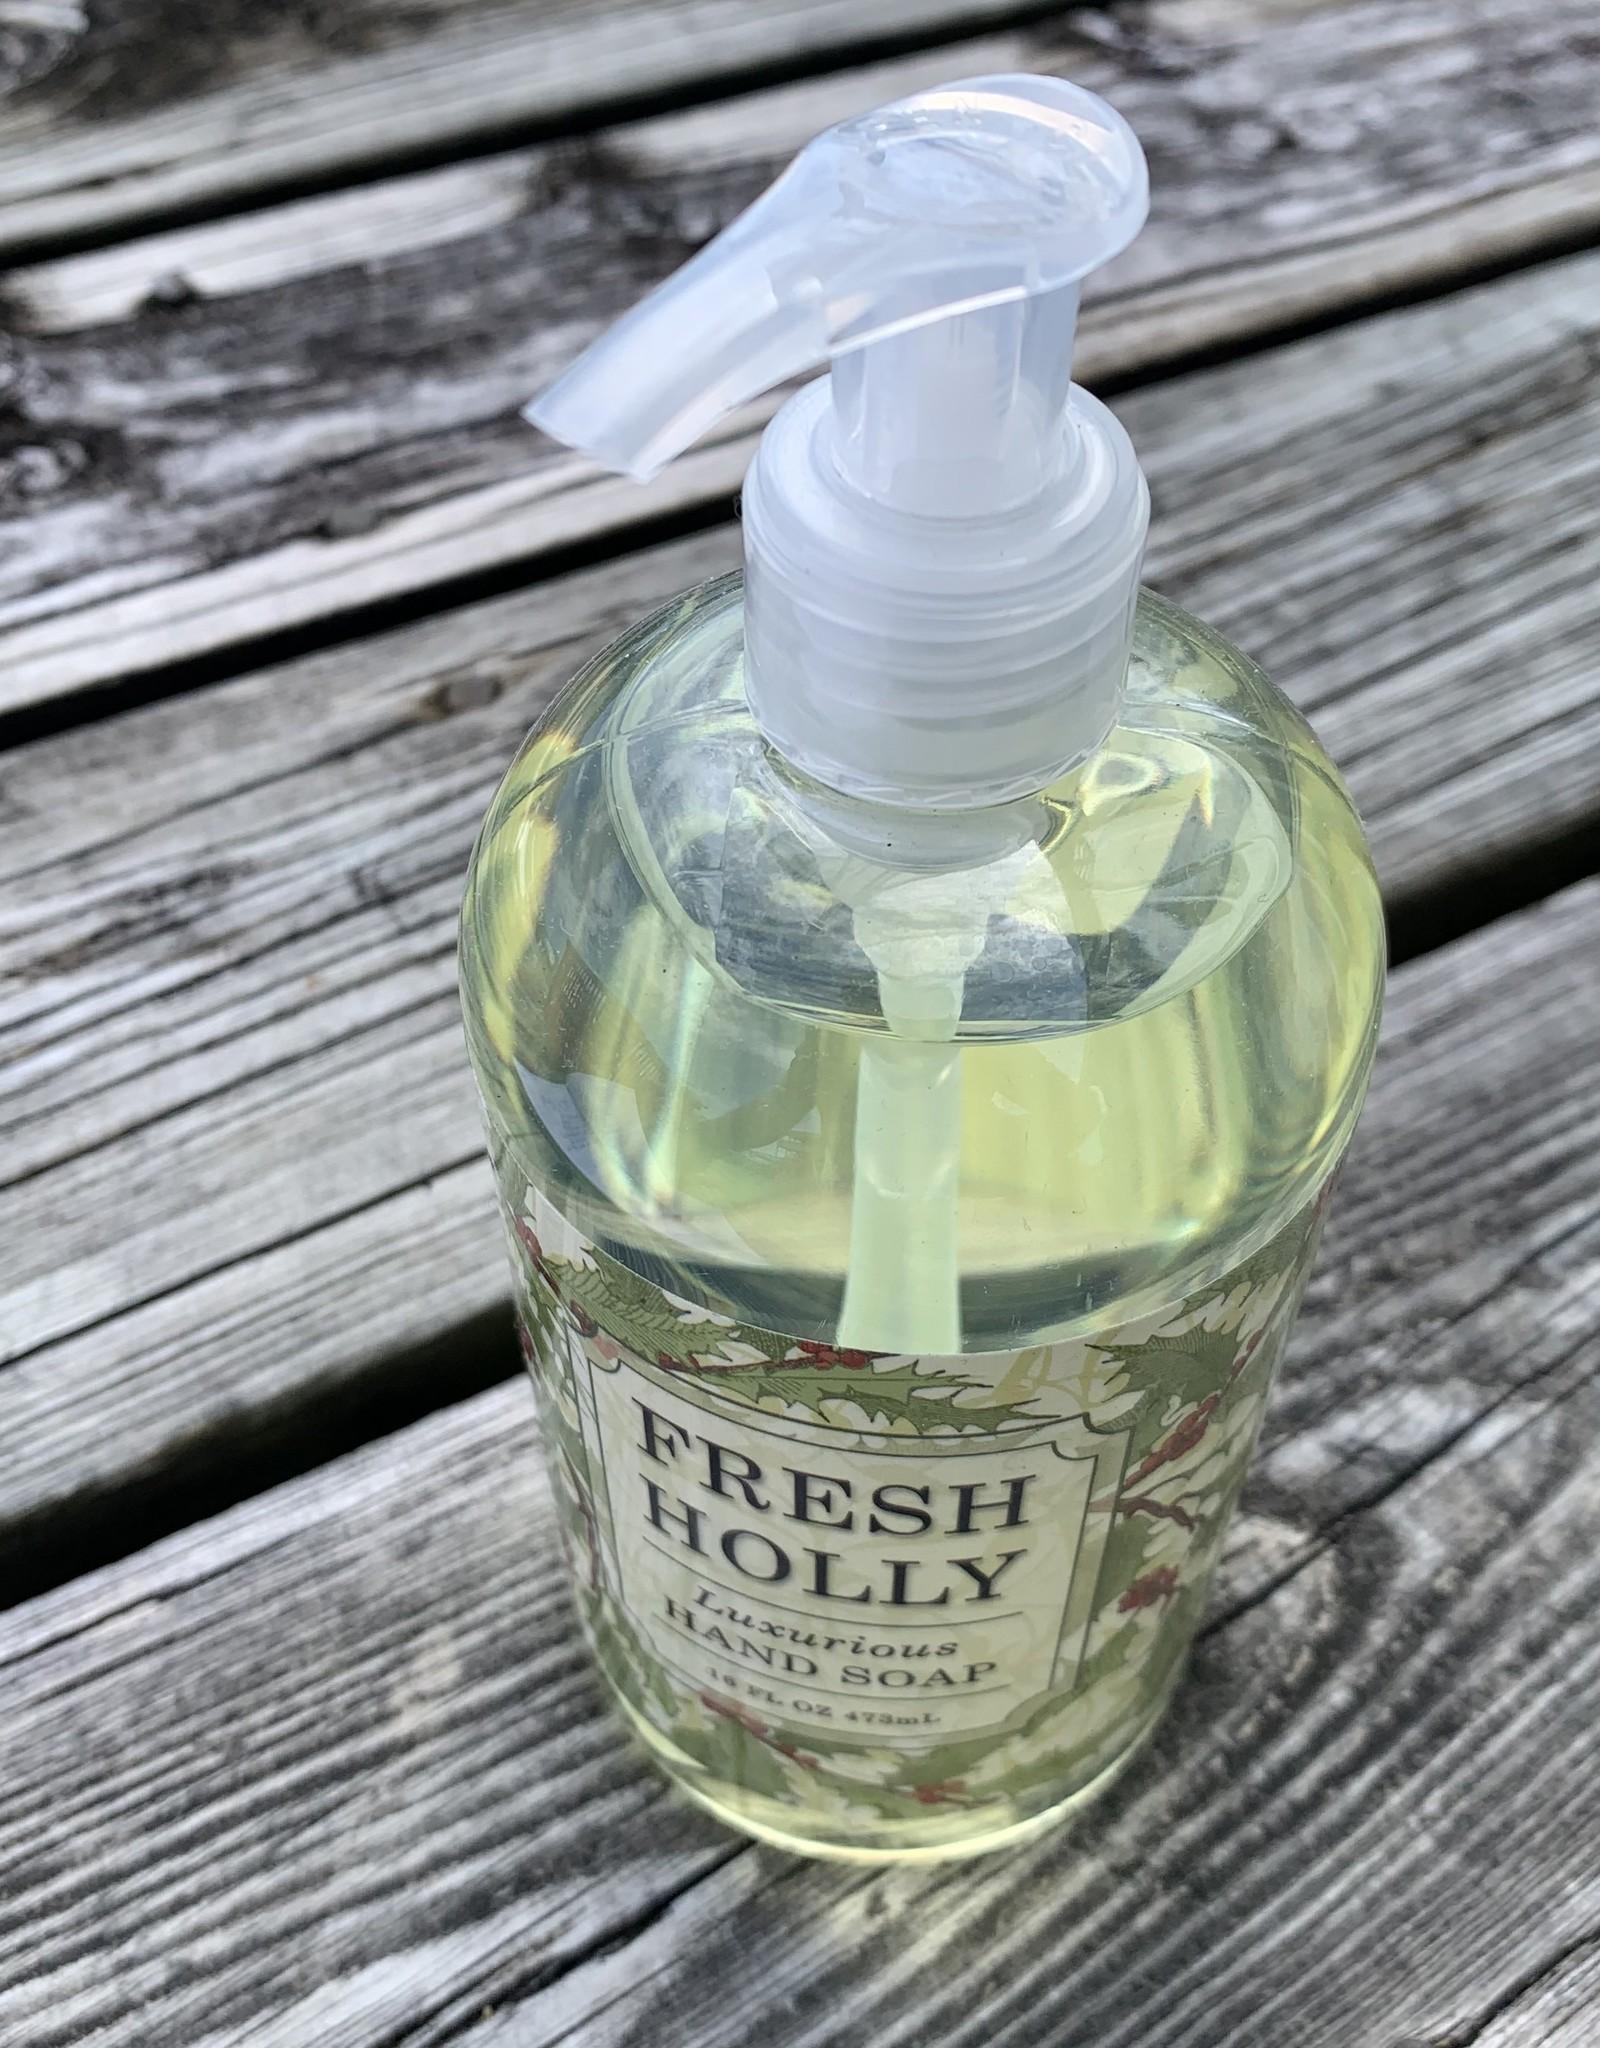 HAND SOAP FRESH HOLLY